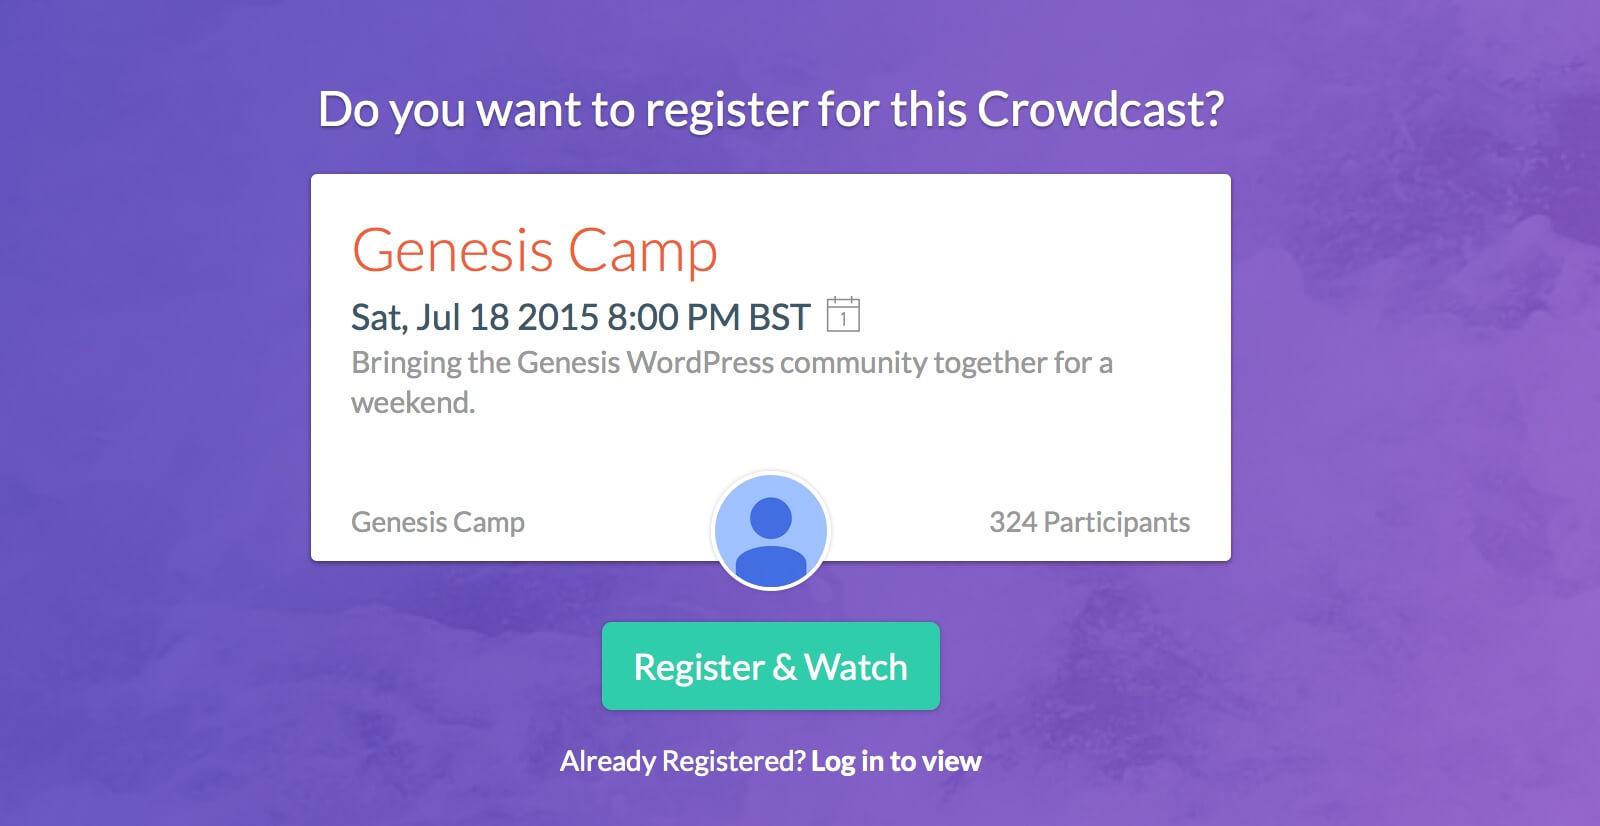 Genesis Camp Crowdcast Website